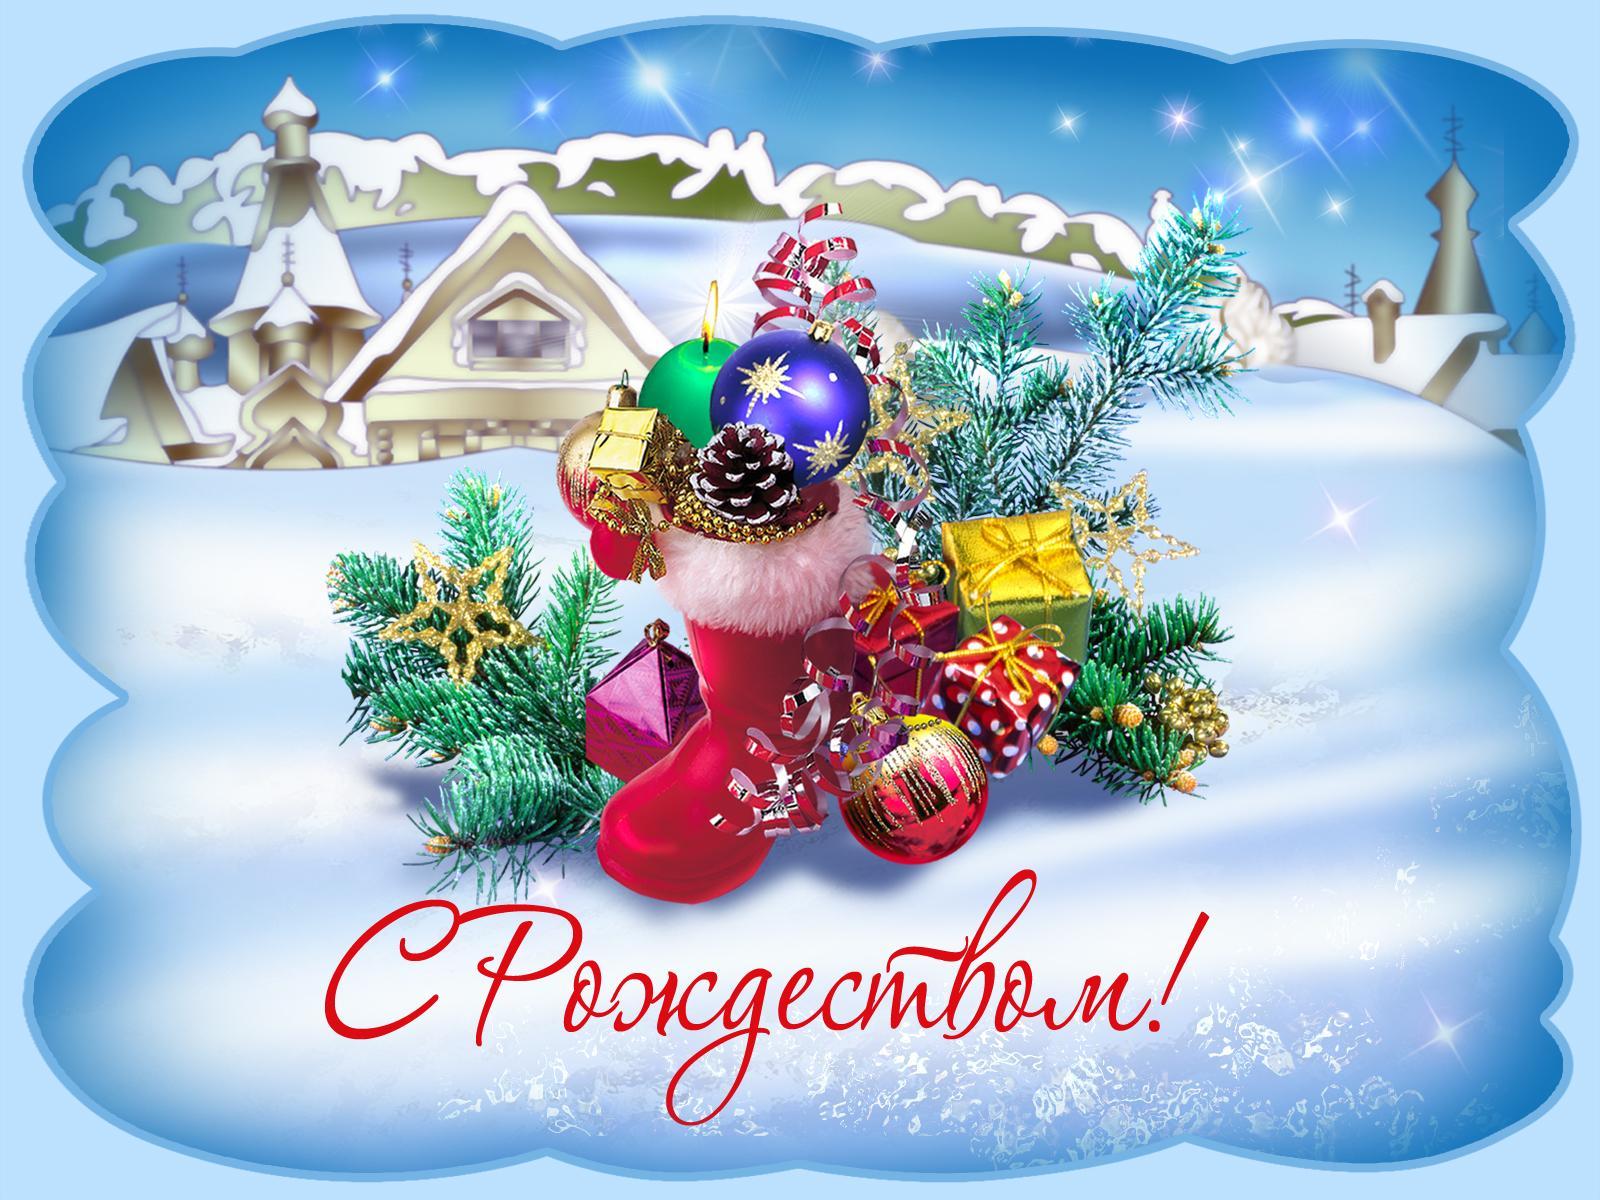 Самые красивые открытки рождества христова, картинки